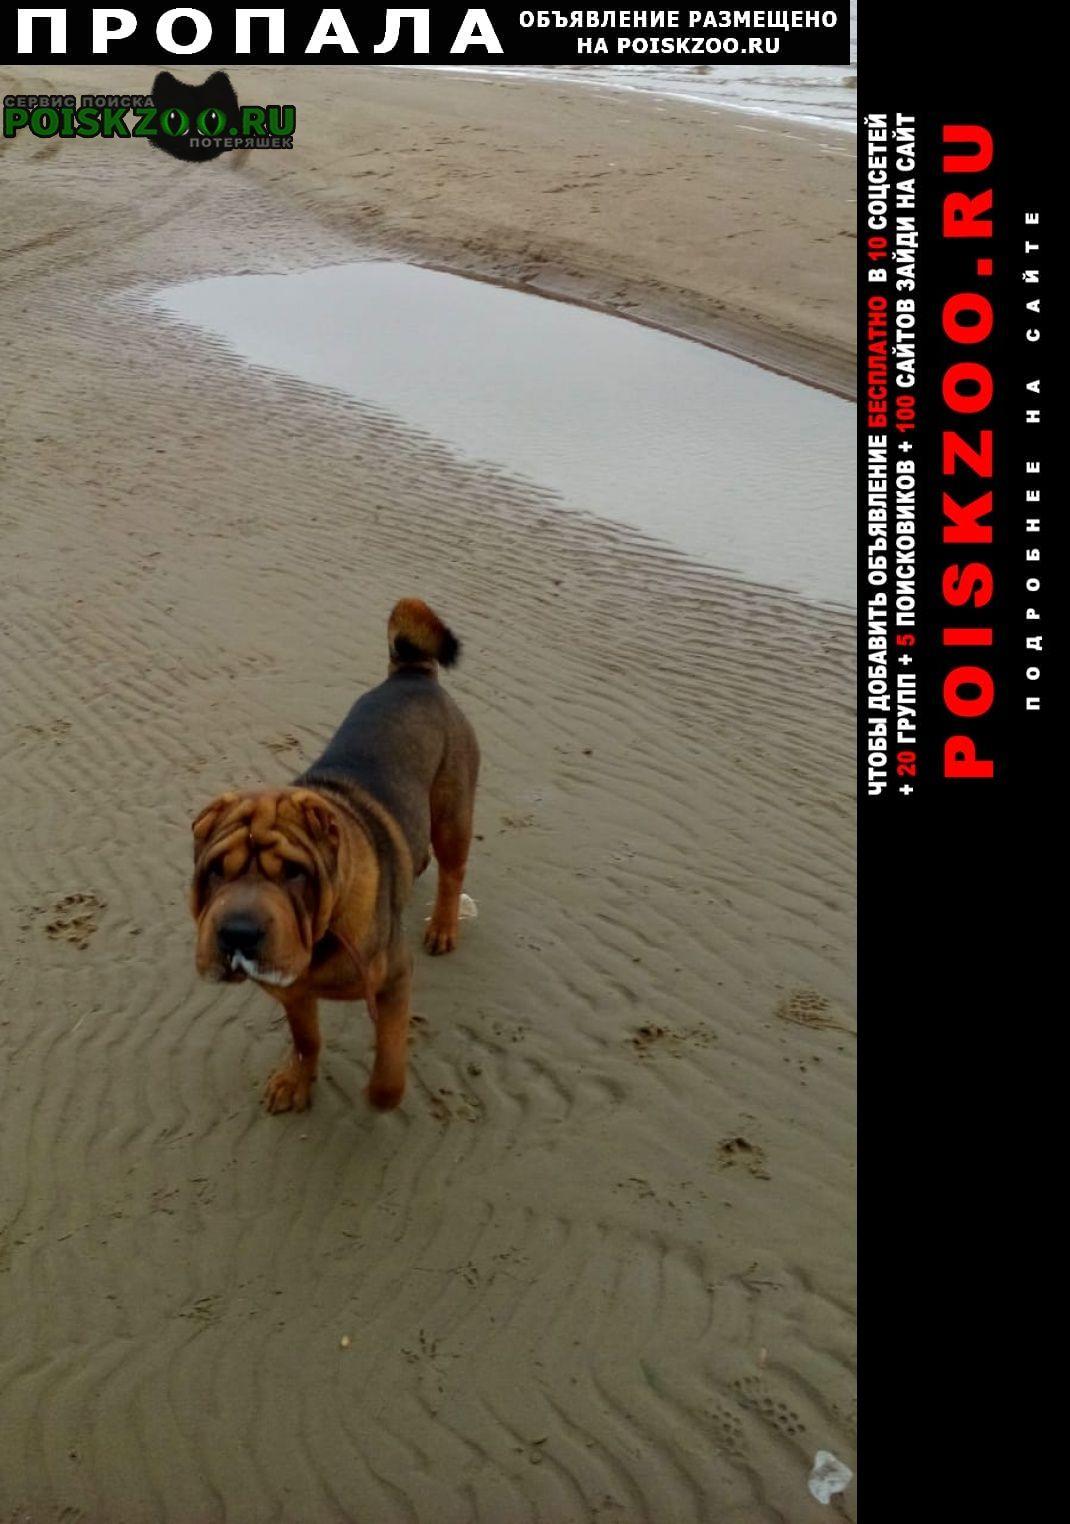 Пропала собака кобель помогите найти собаку Волгоград